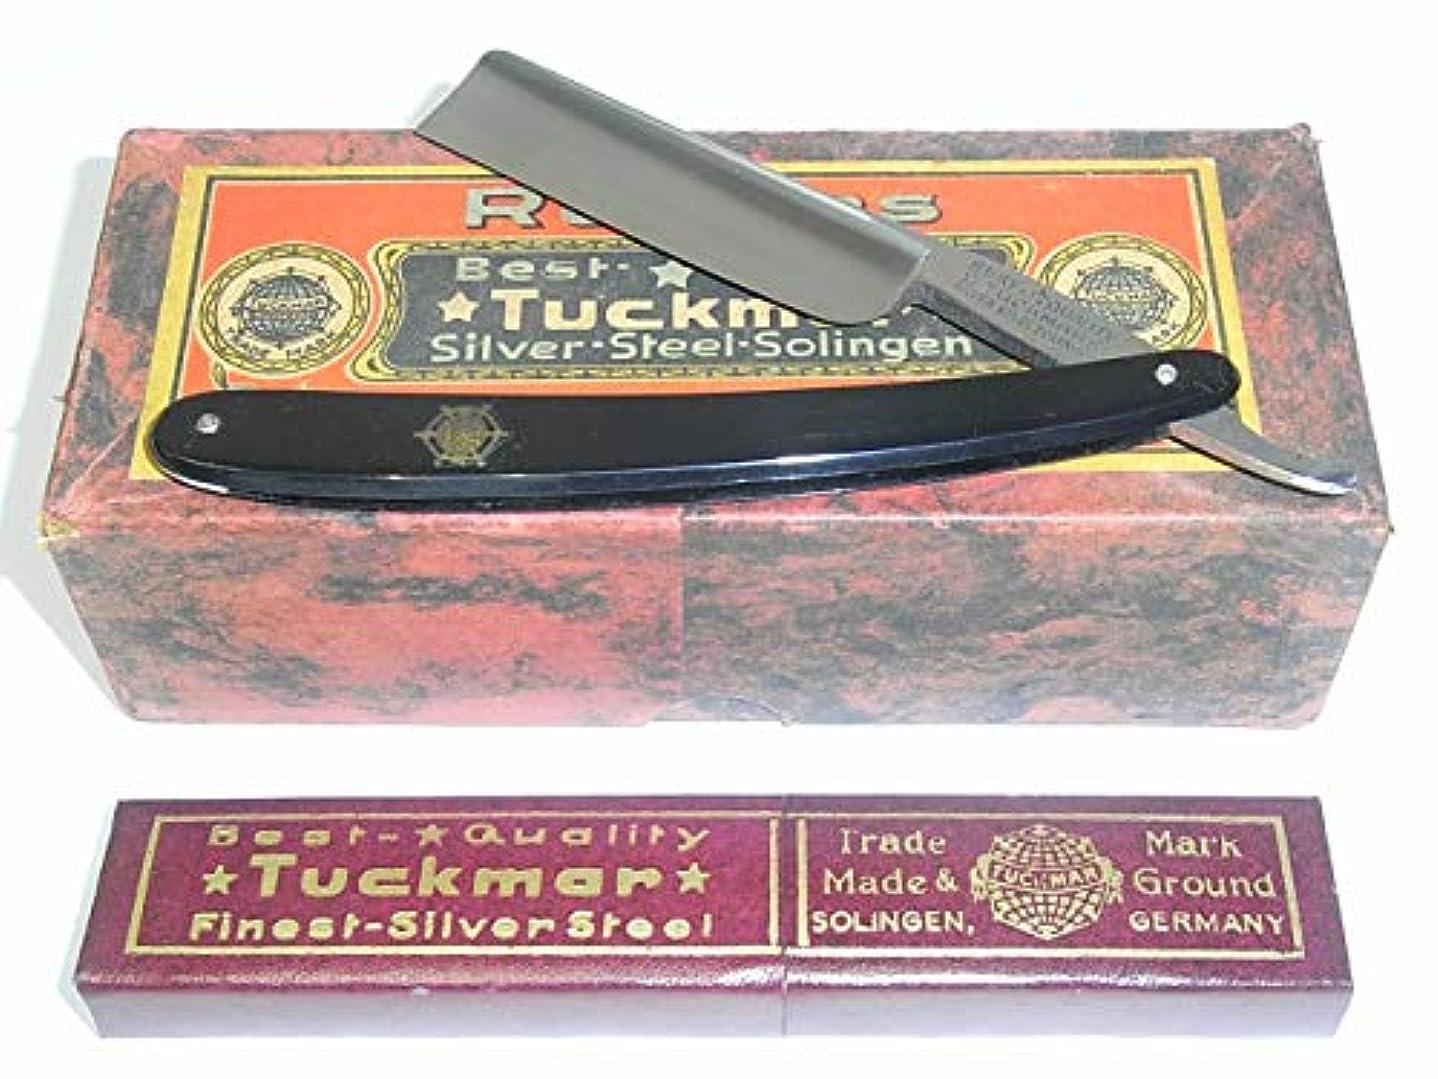 代表してダウンはねかける西洋カミソリ ゾーリンゲン TUCKMAR ドイツ製 刃渡72mm×刃幅6/8インチ 外箱付